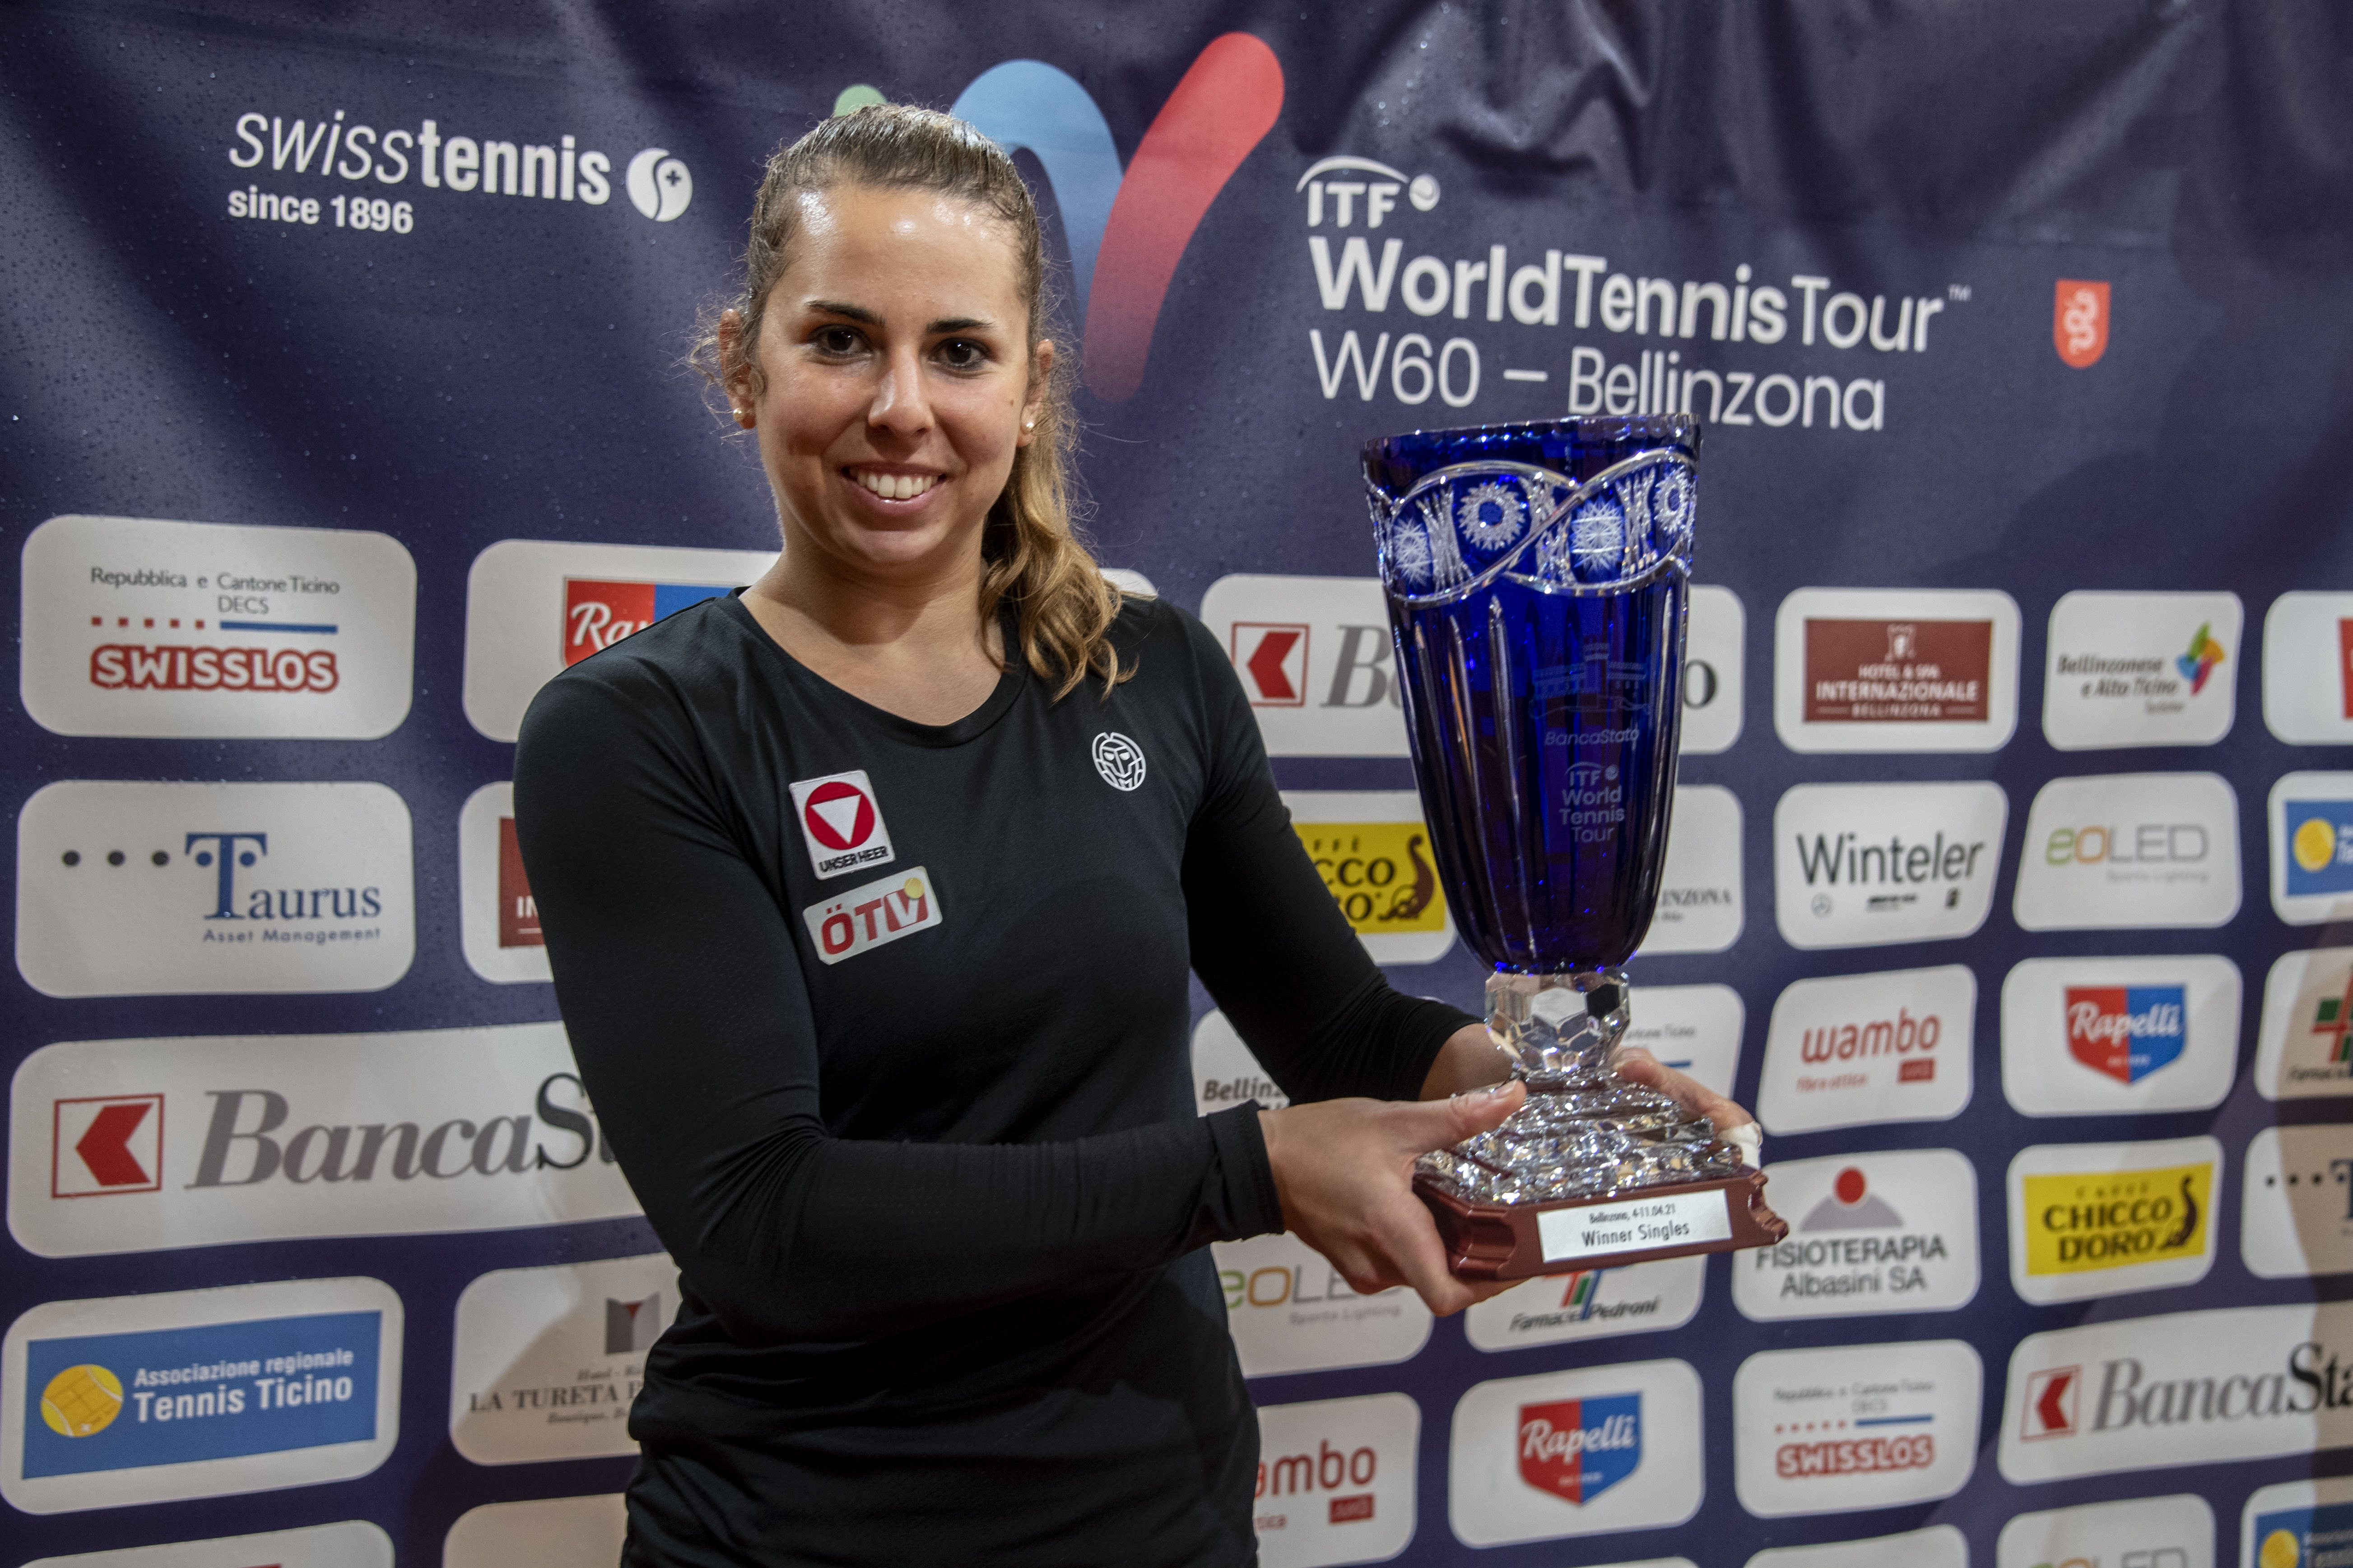 2021.04.11-ITF-WorldTennisTour-Final-Julia-Grabher-AUT-Winner-01